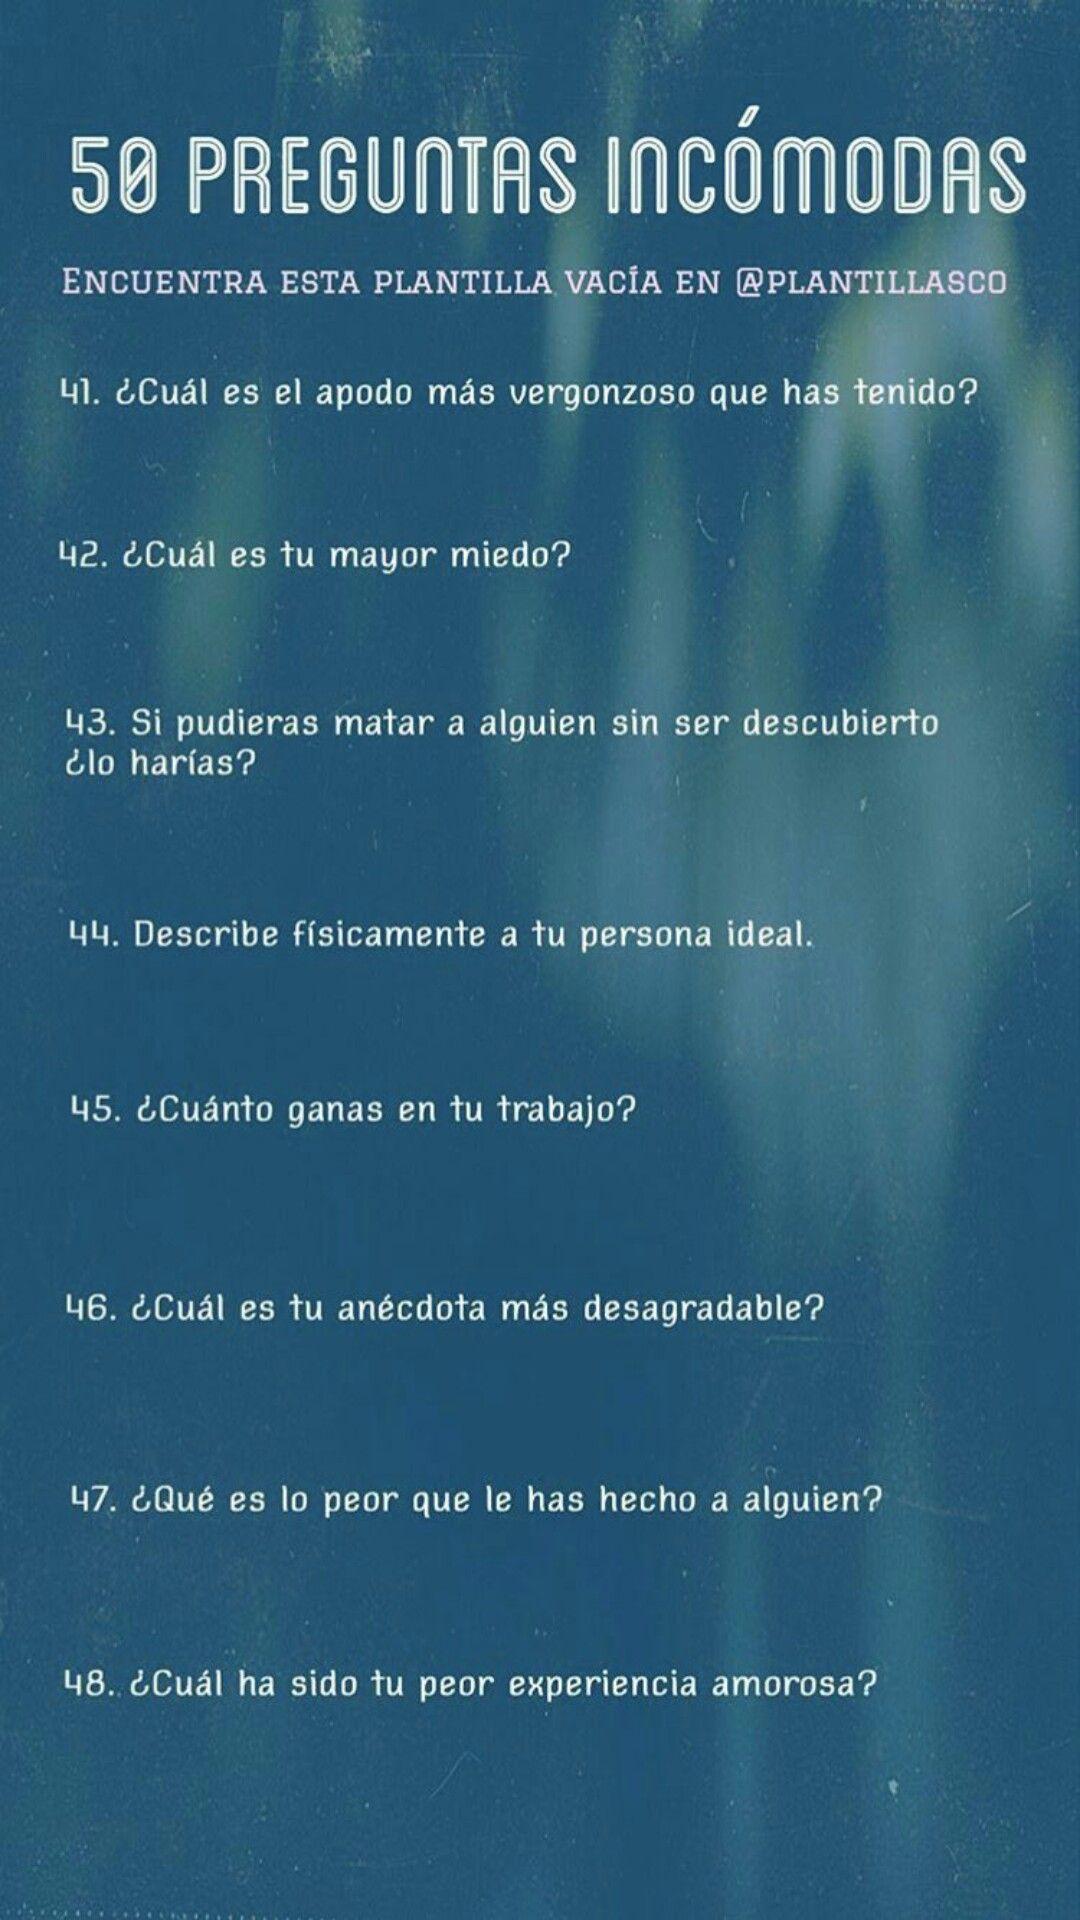 preguntas incomodas para conocer personas